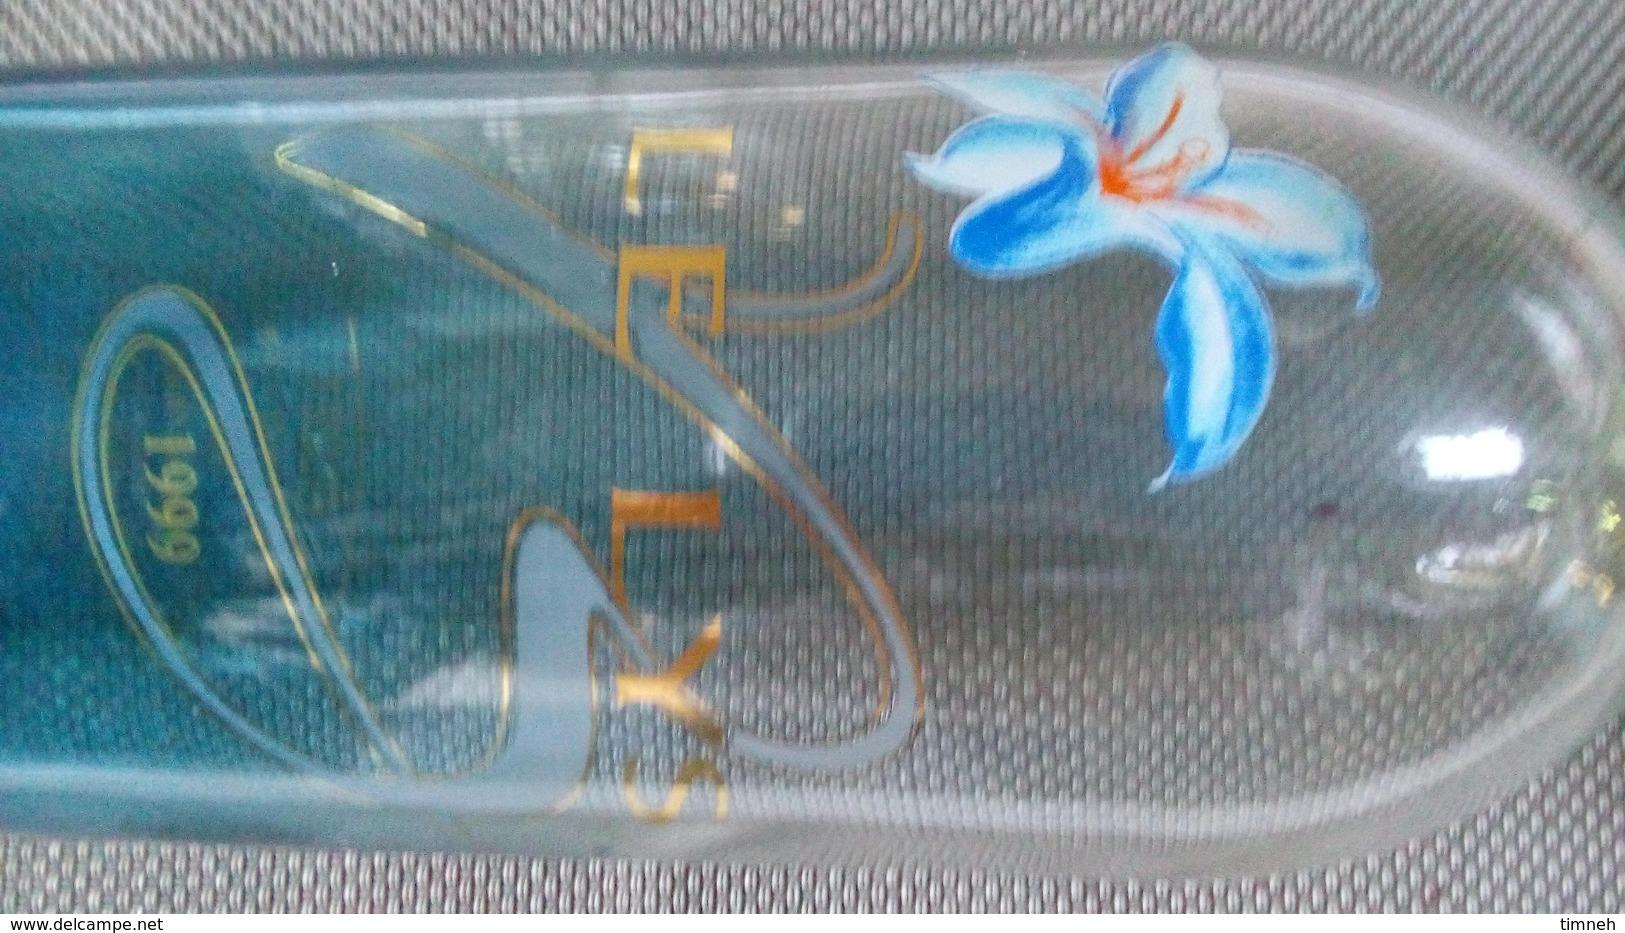 BOUTEILLE DE VIN (vide) Collector 1999 LE LYS - VIGNERONS DE BUZET - VERRE Bleuté & FLEUR - 32cm - 590g - Vin